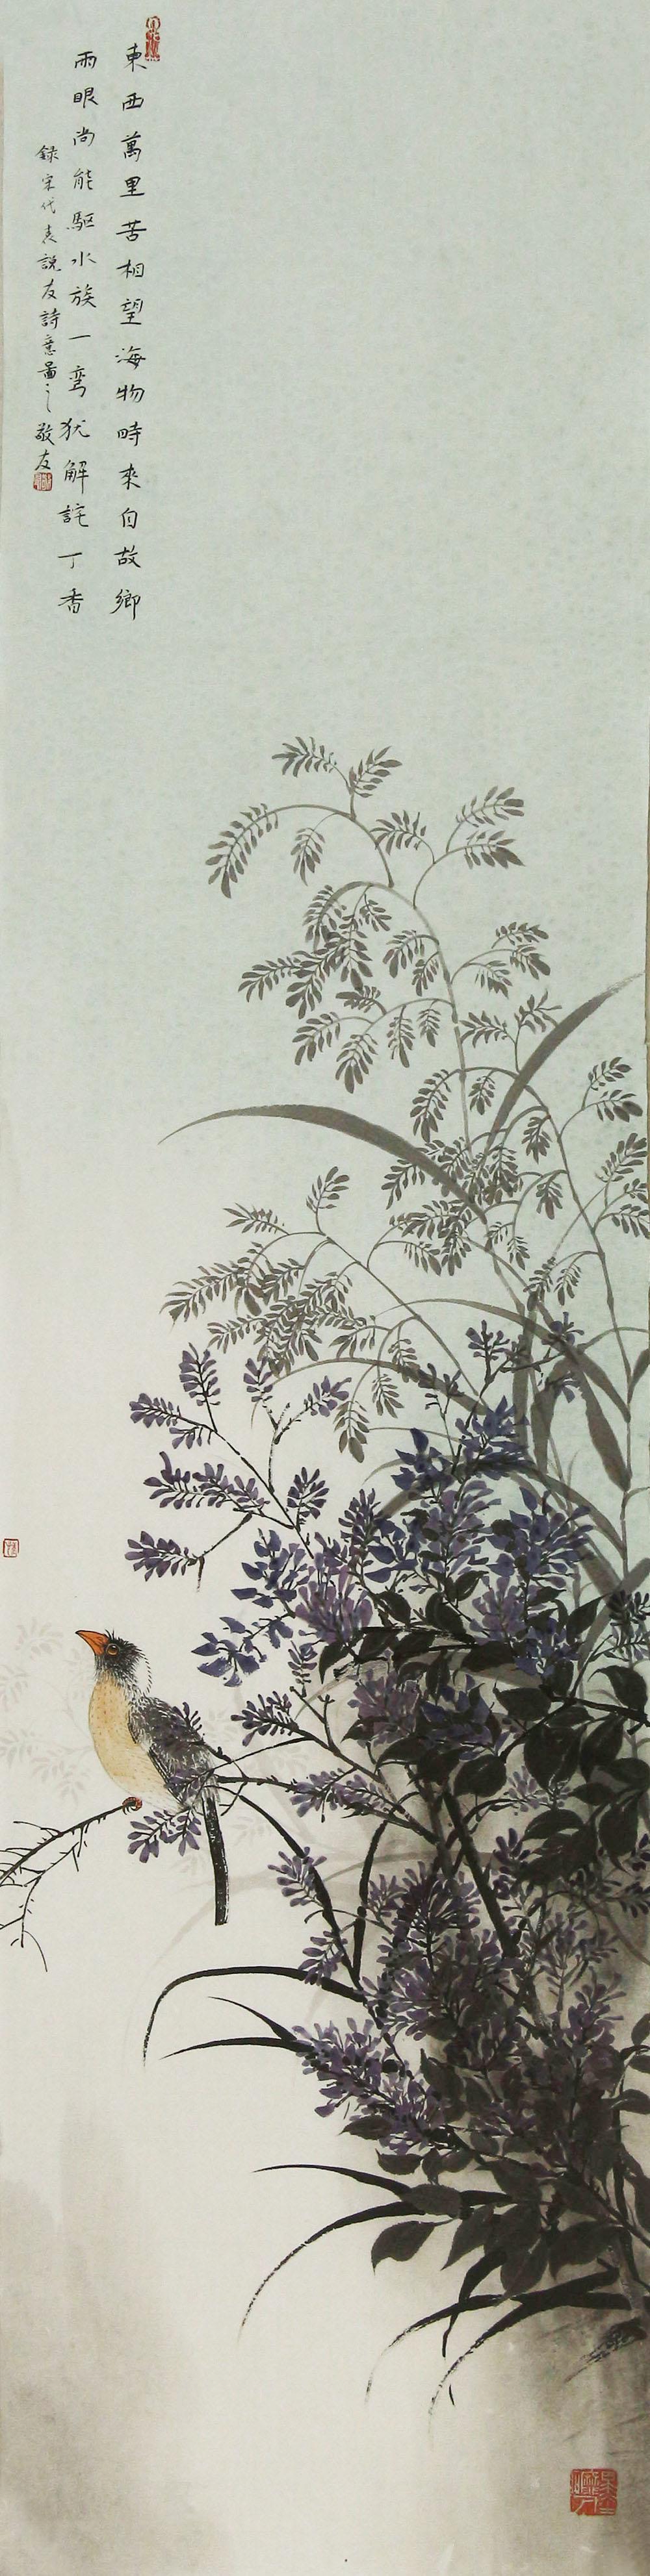 中国美术家协会会员 陈敬友 花鸟 国画